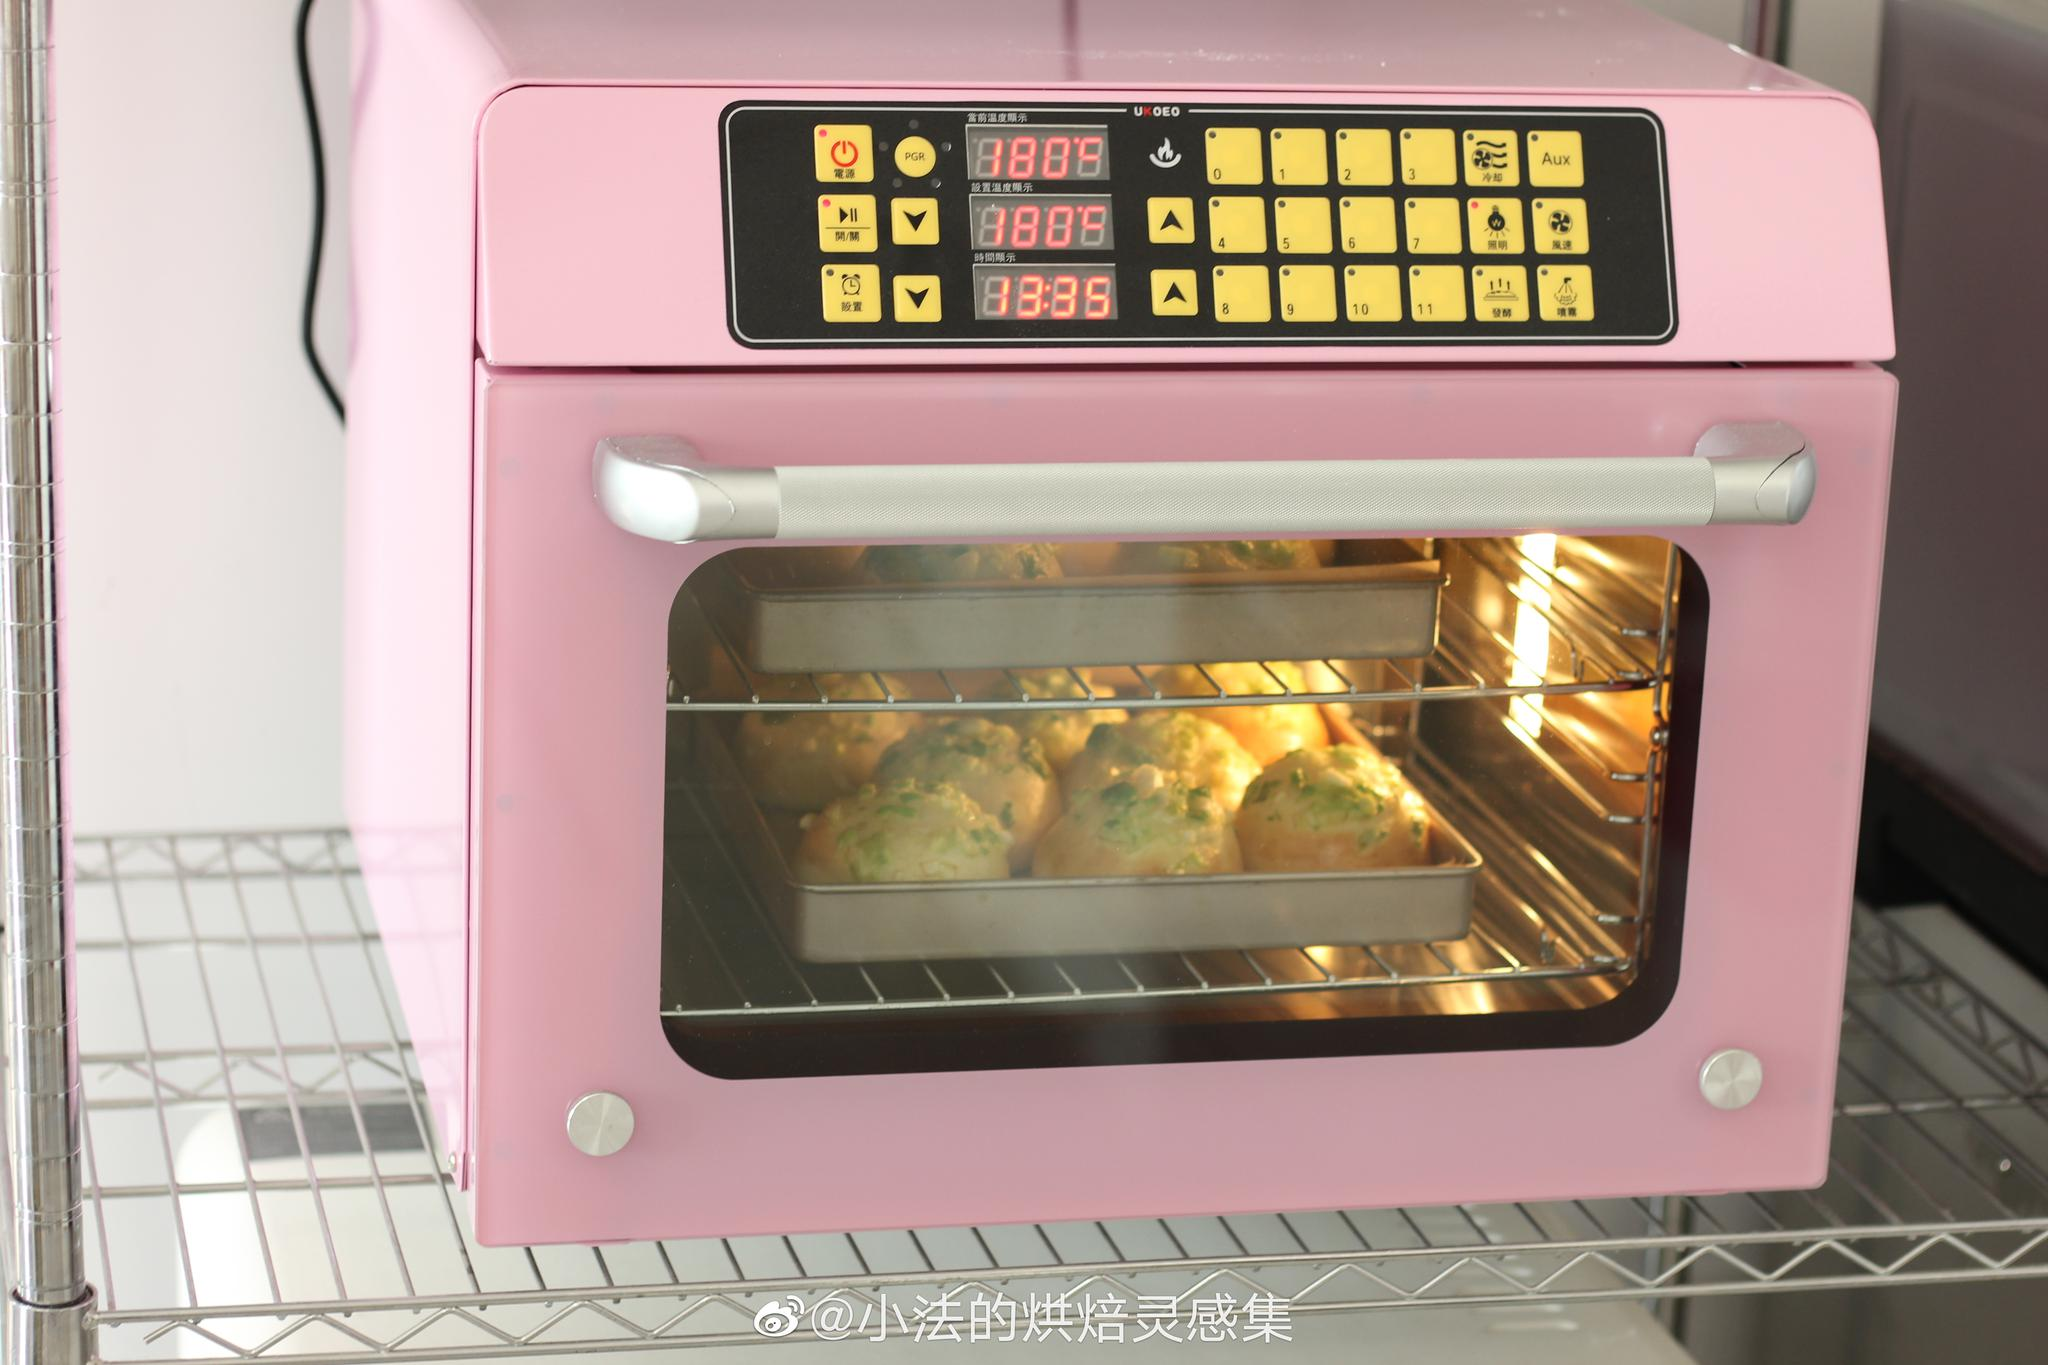 新烤箱磨合中,咱们小法团的t45两盘餐包~葱香四溢啊~